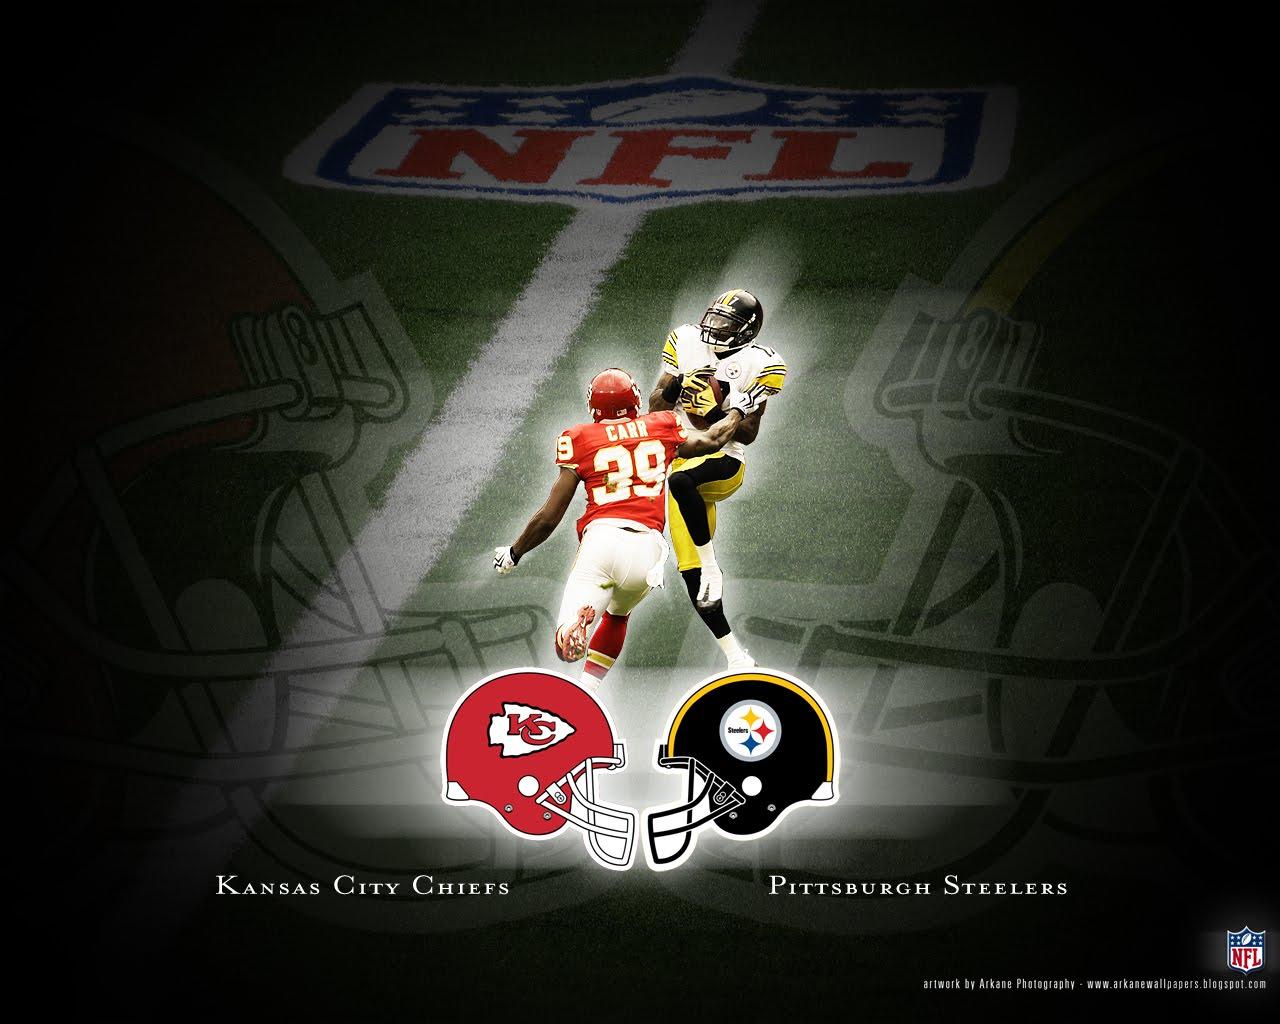 Arkane Nfl Wallpapers Battle 11 Chiefs Vs Steelers